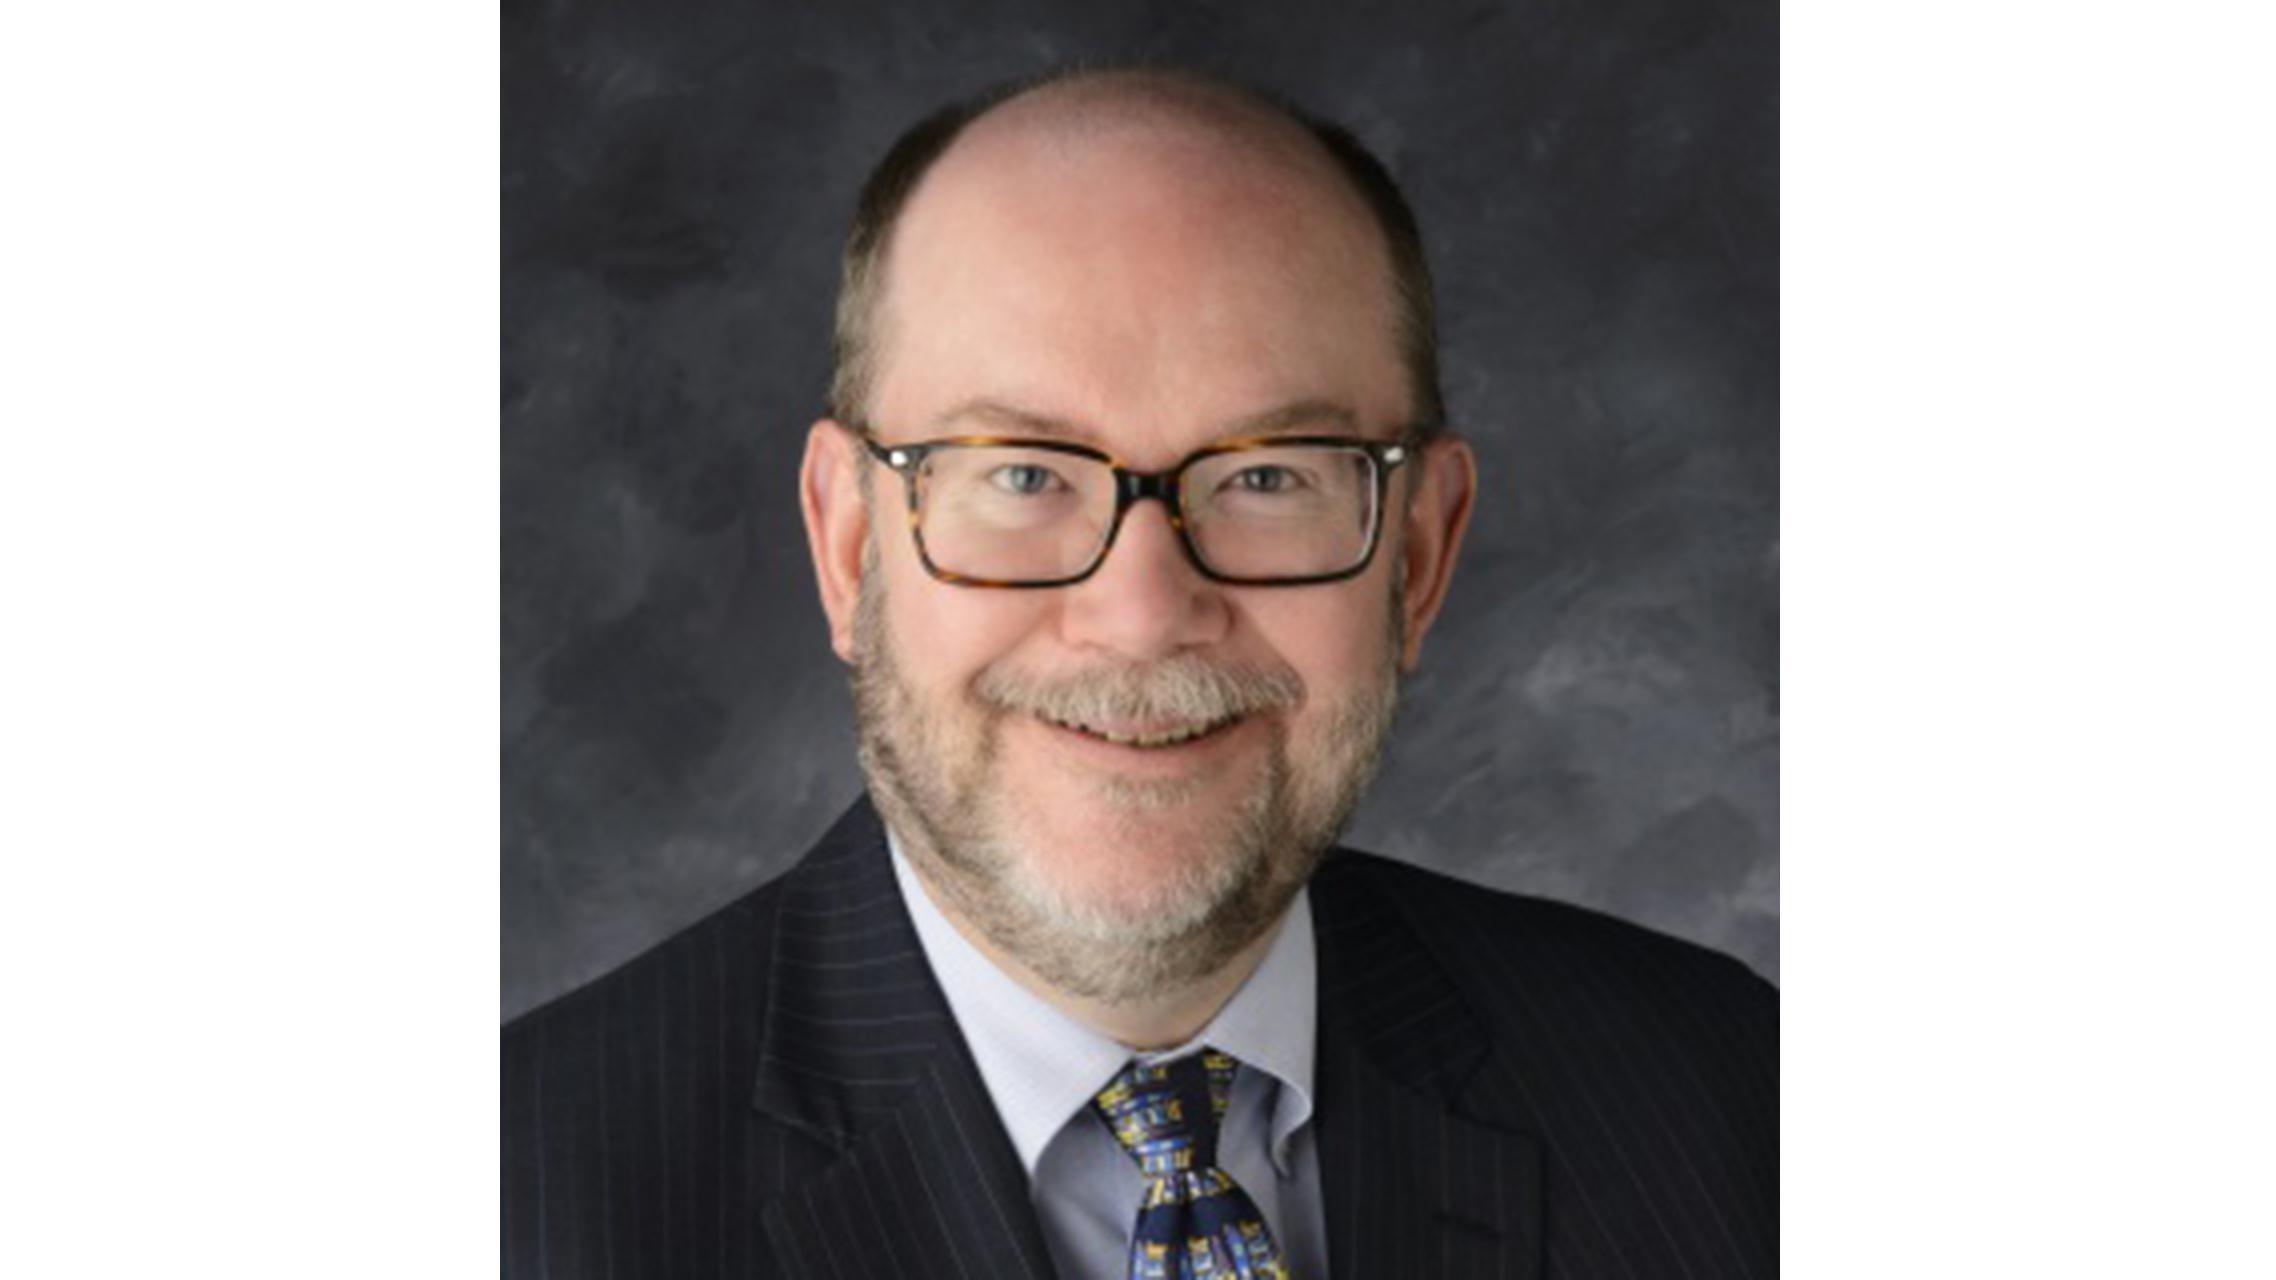 Dan Reed, former UI administrator, headed to University of Utah